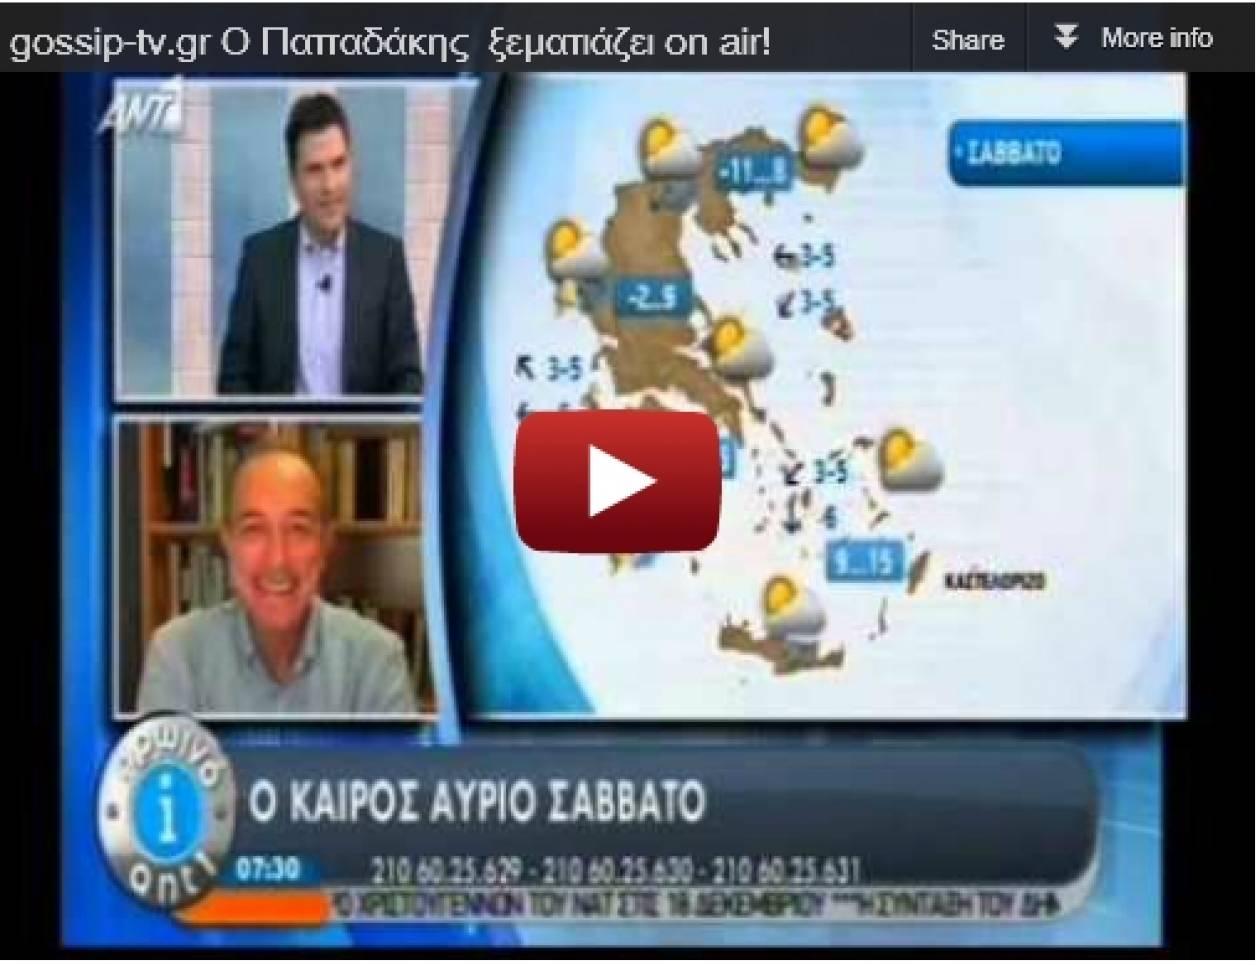 Ο Γιώργος Παπαδάκης ξεματιάζει on air!